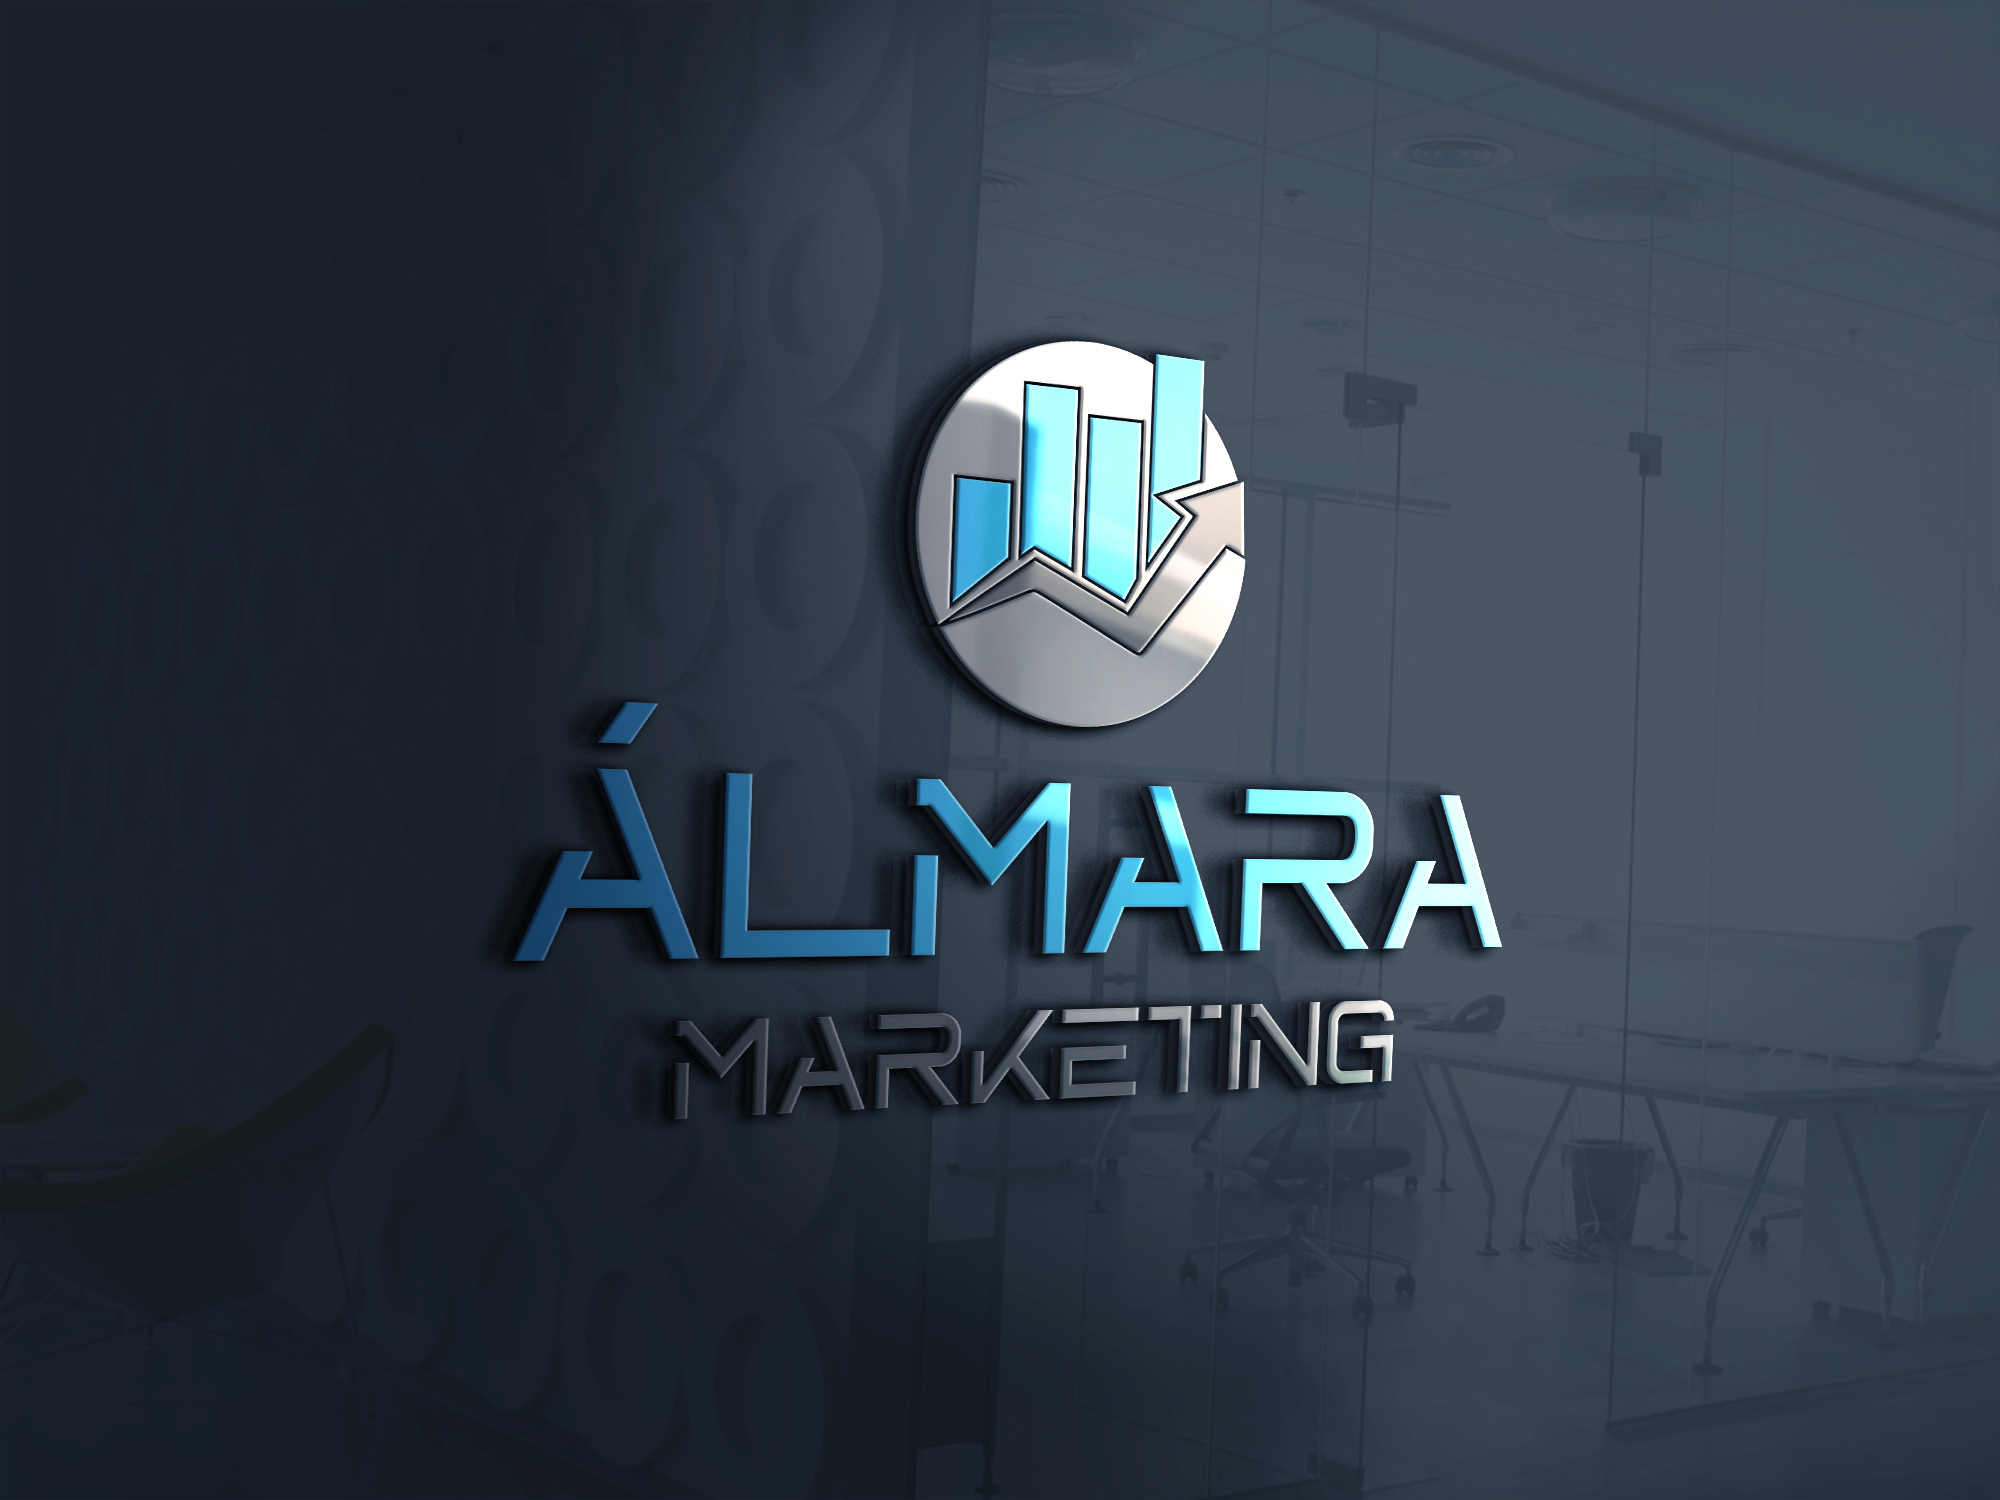 Álmara Marketing